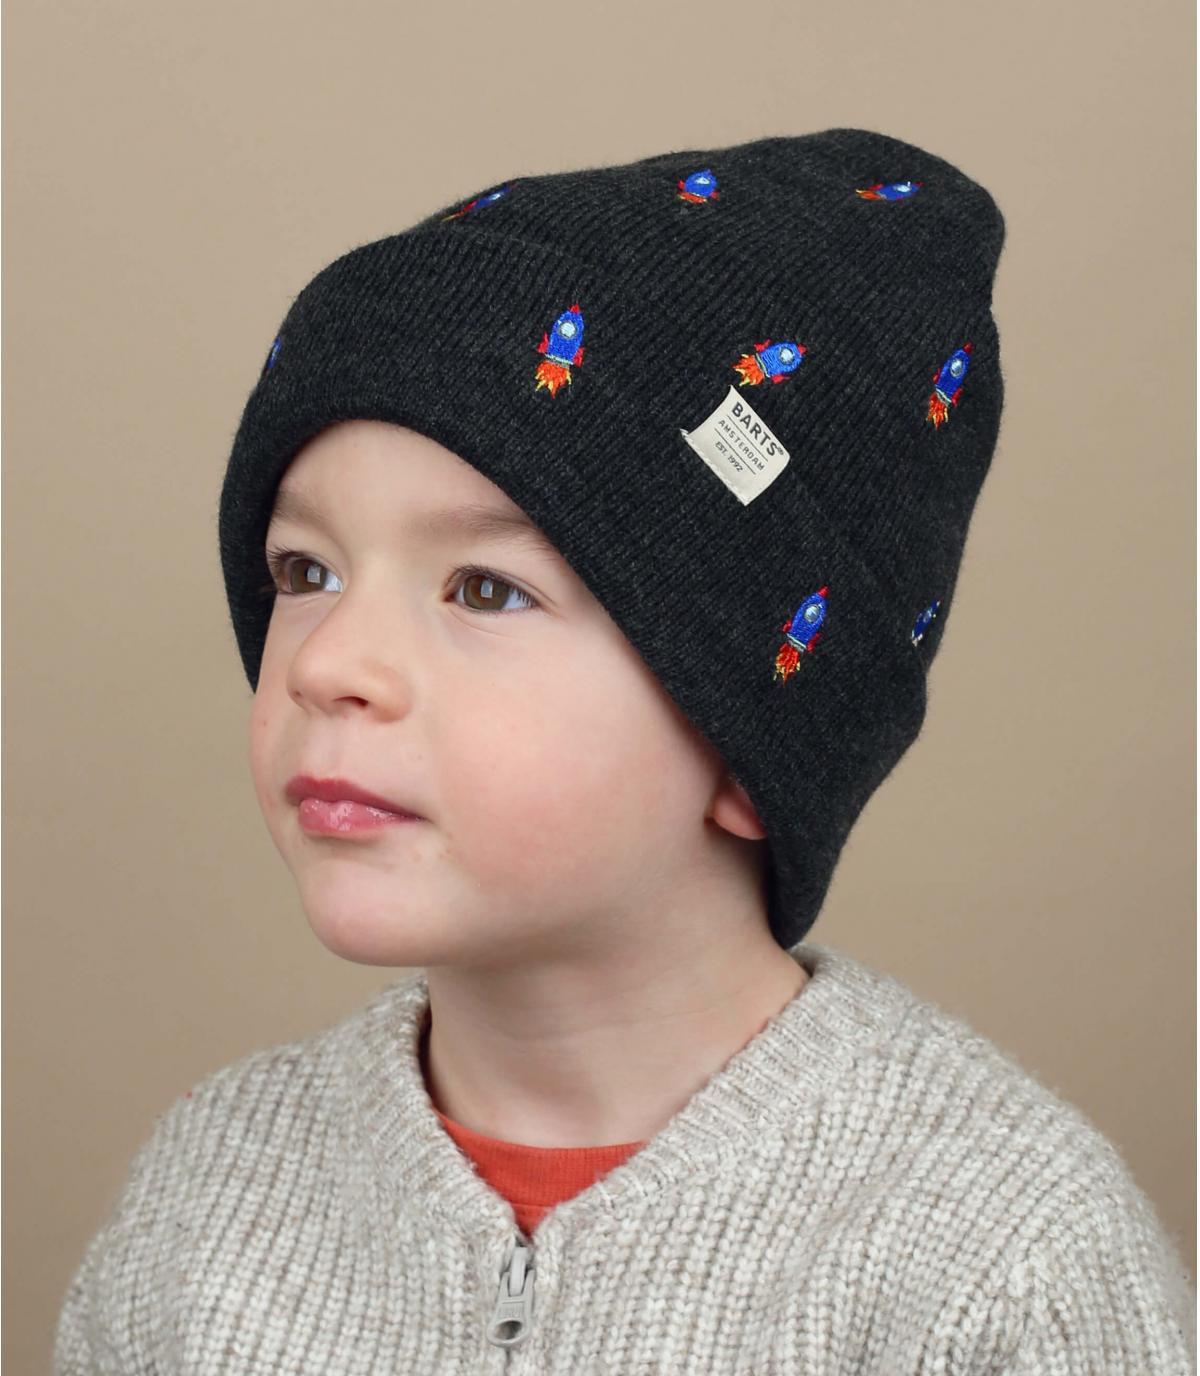 cappello da bambino nero ricamato